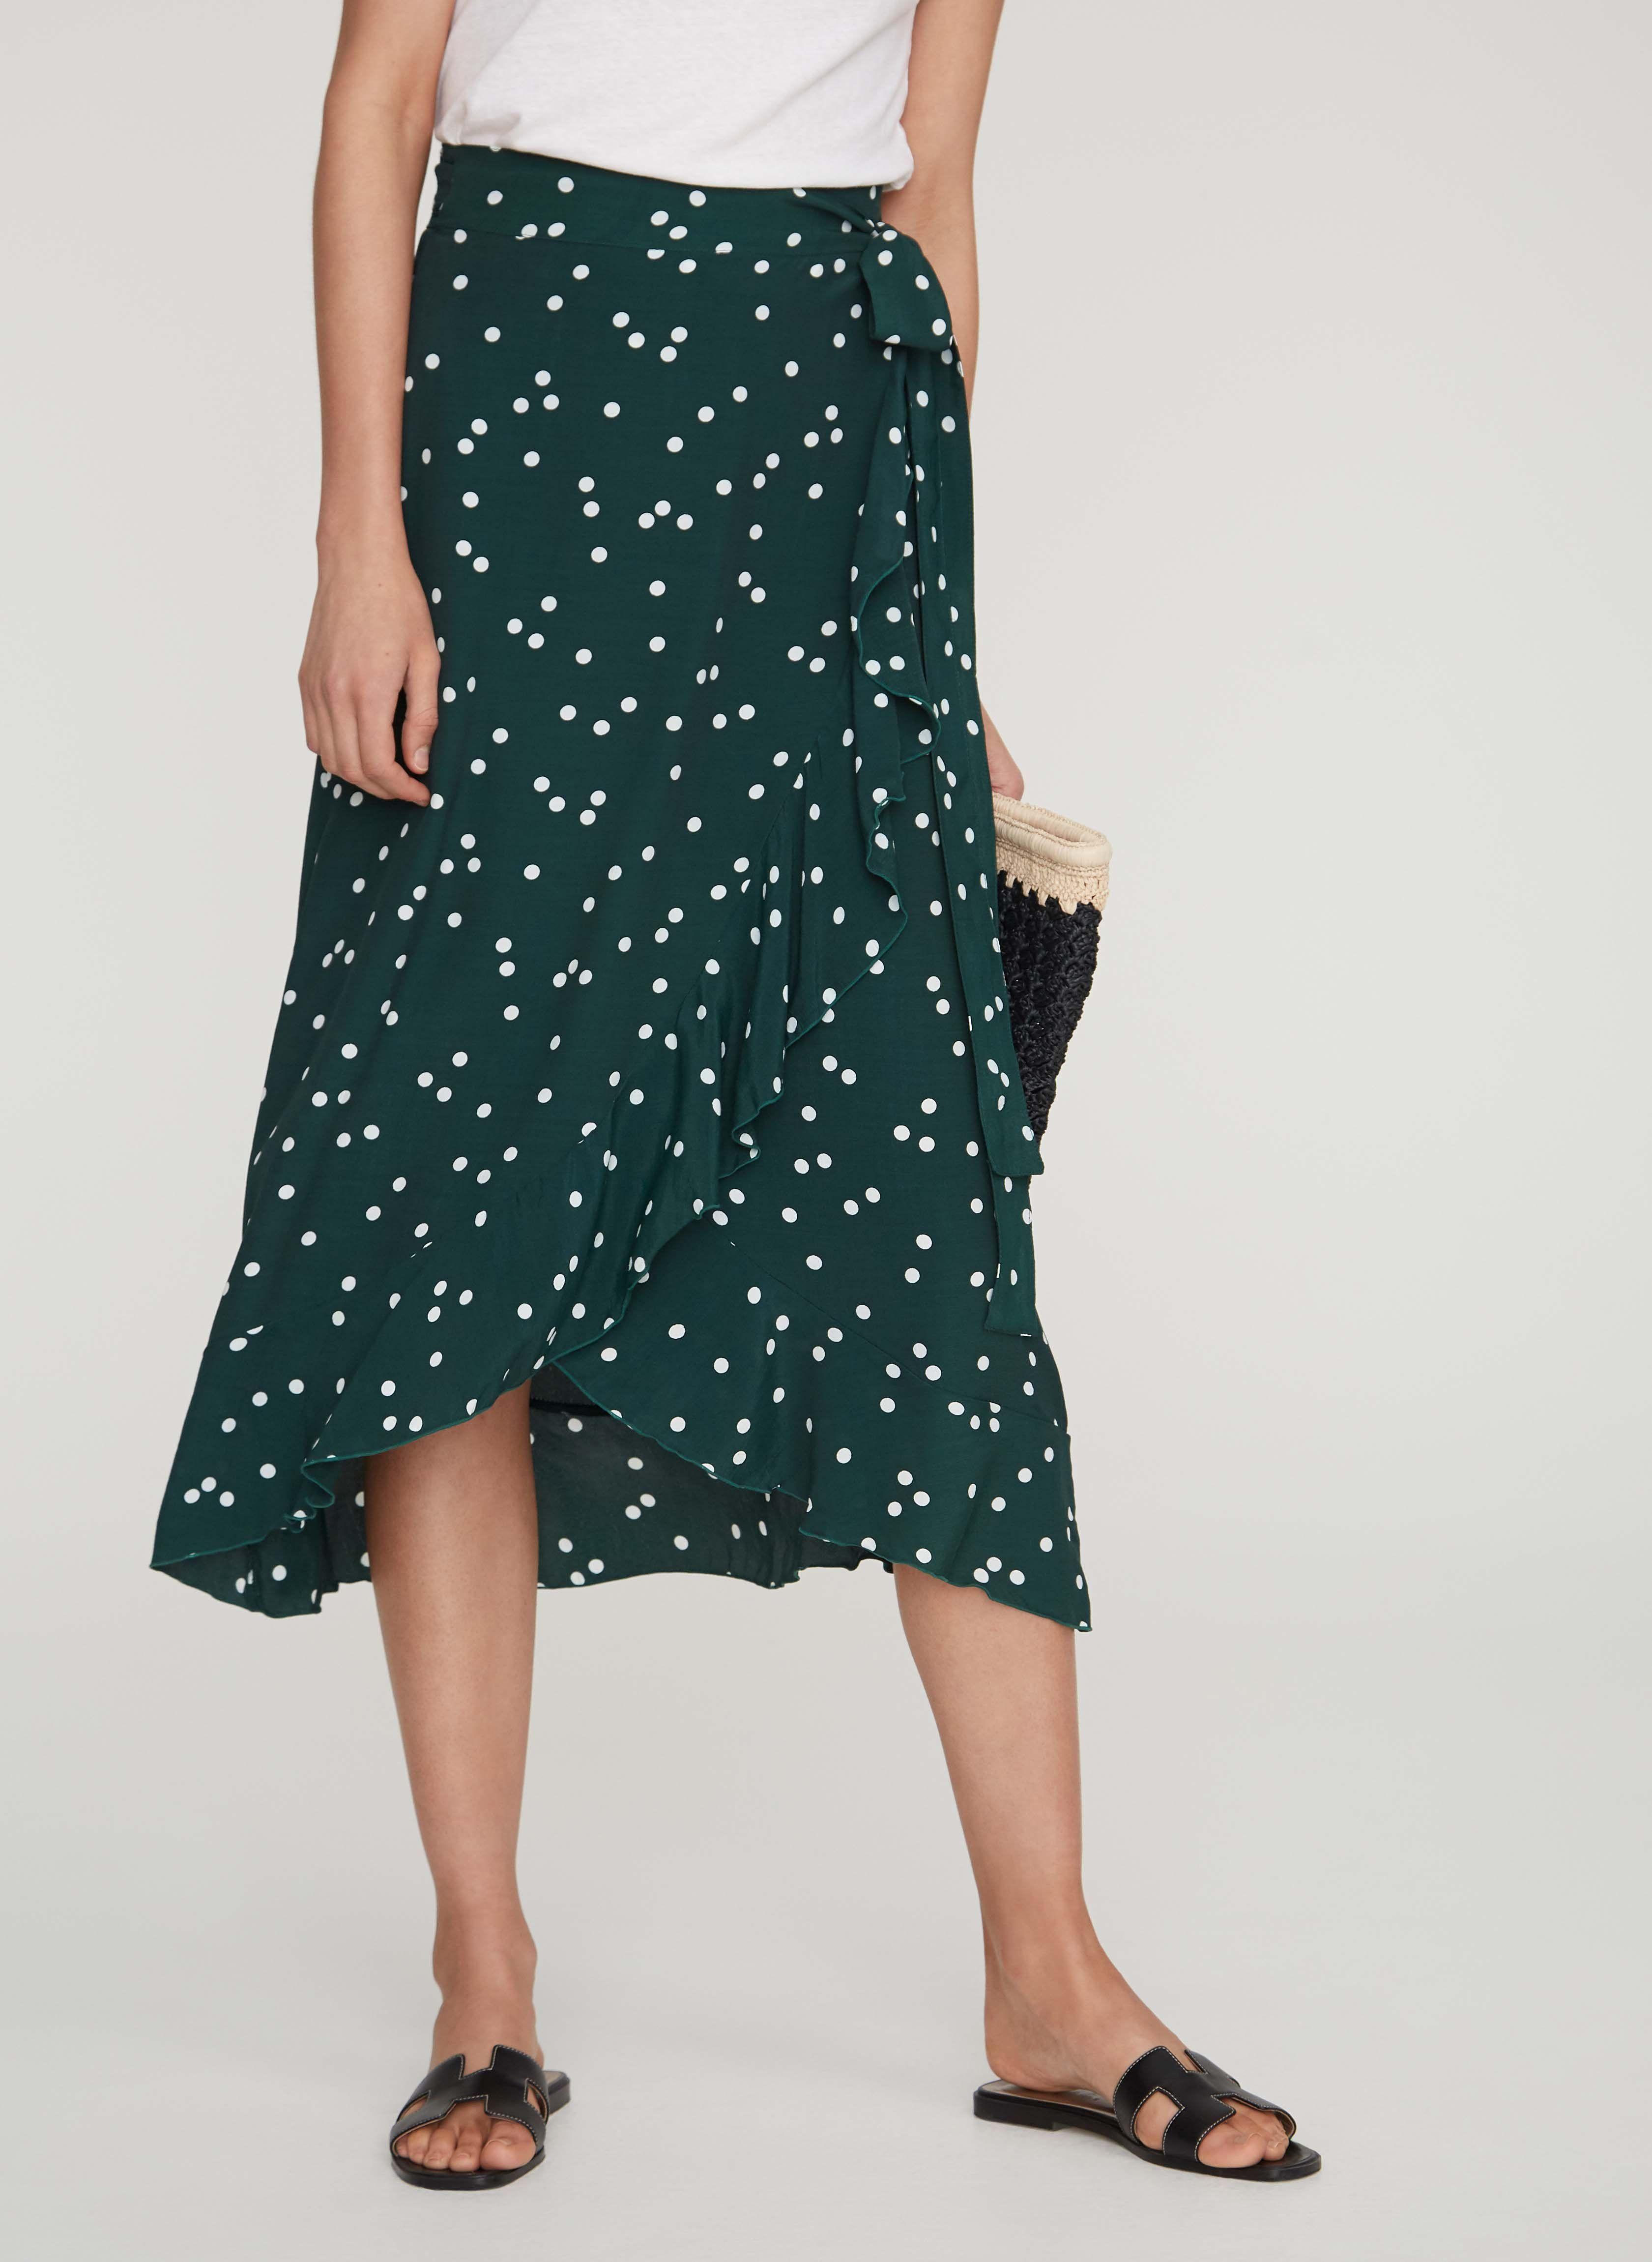 1d1babf029 Linnea dot print - green - celeste wrap skirt in 2019   shopping ...